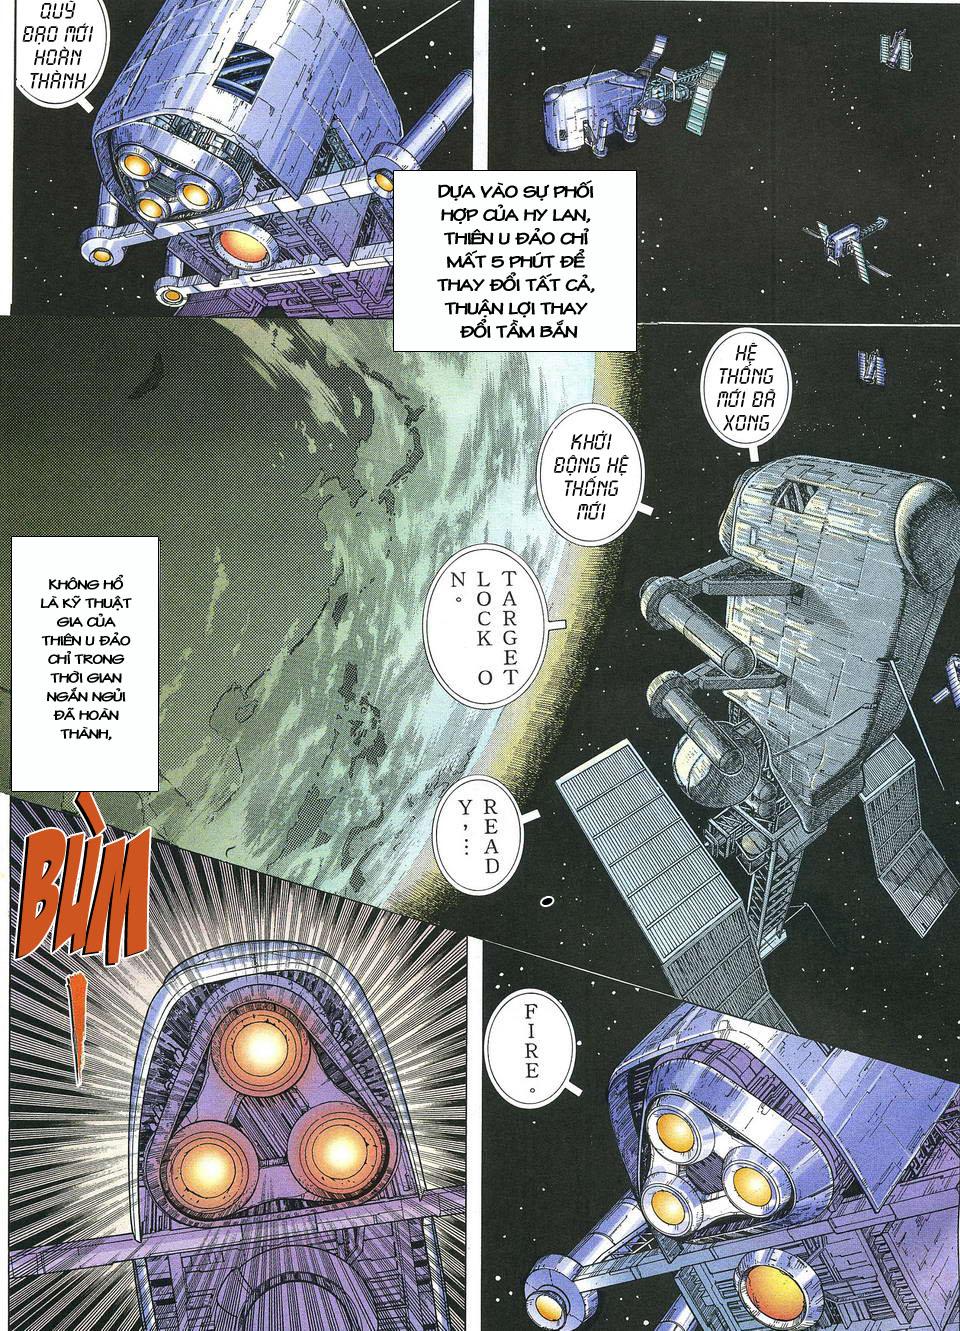 Phong Lôi chap 39 - Trang 17